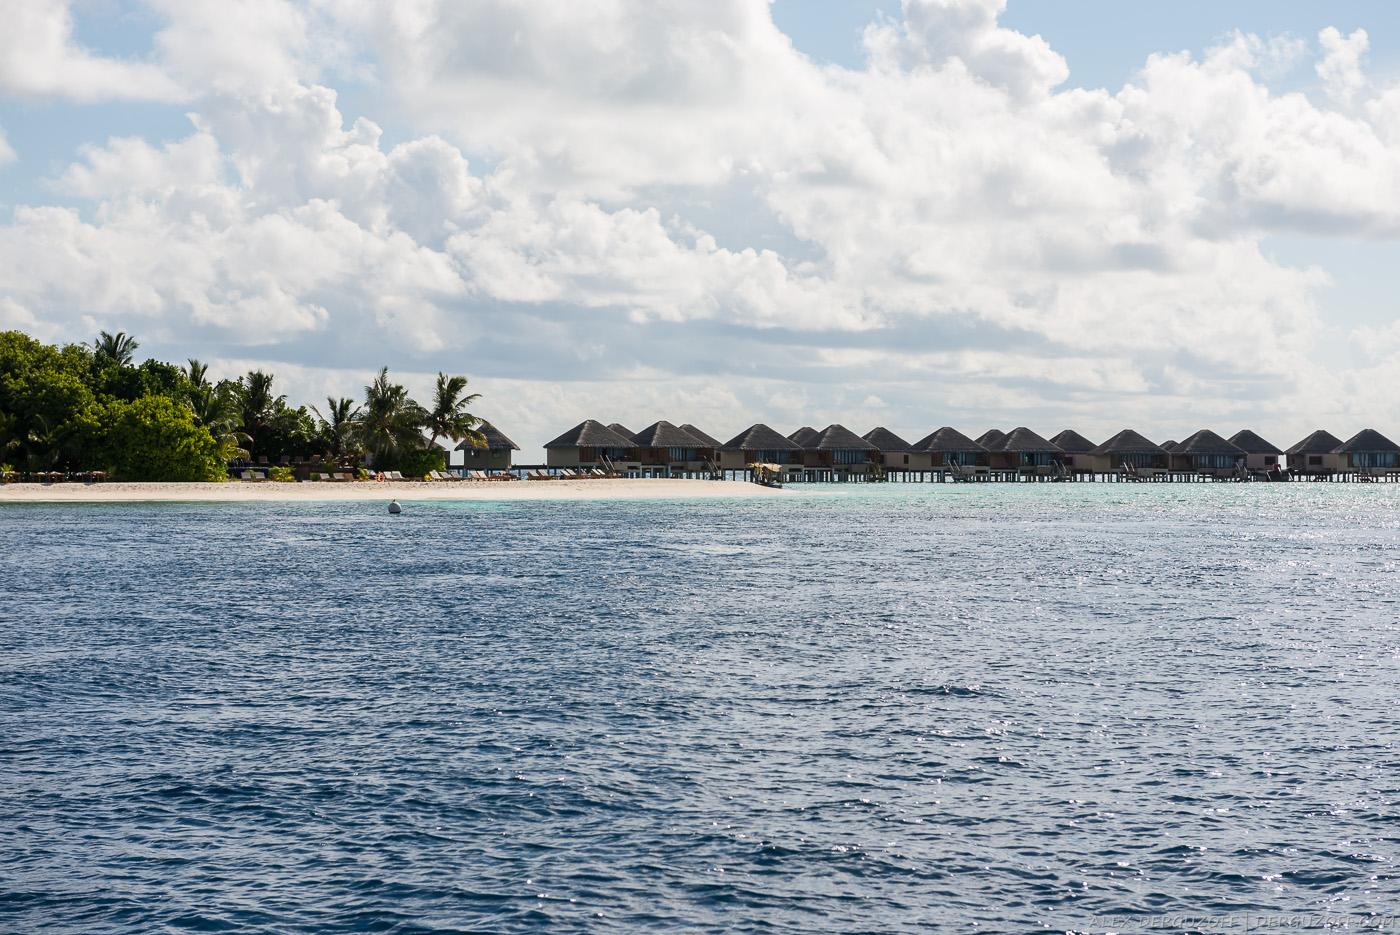 Остров-ресорт Мальдивы